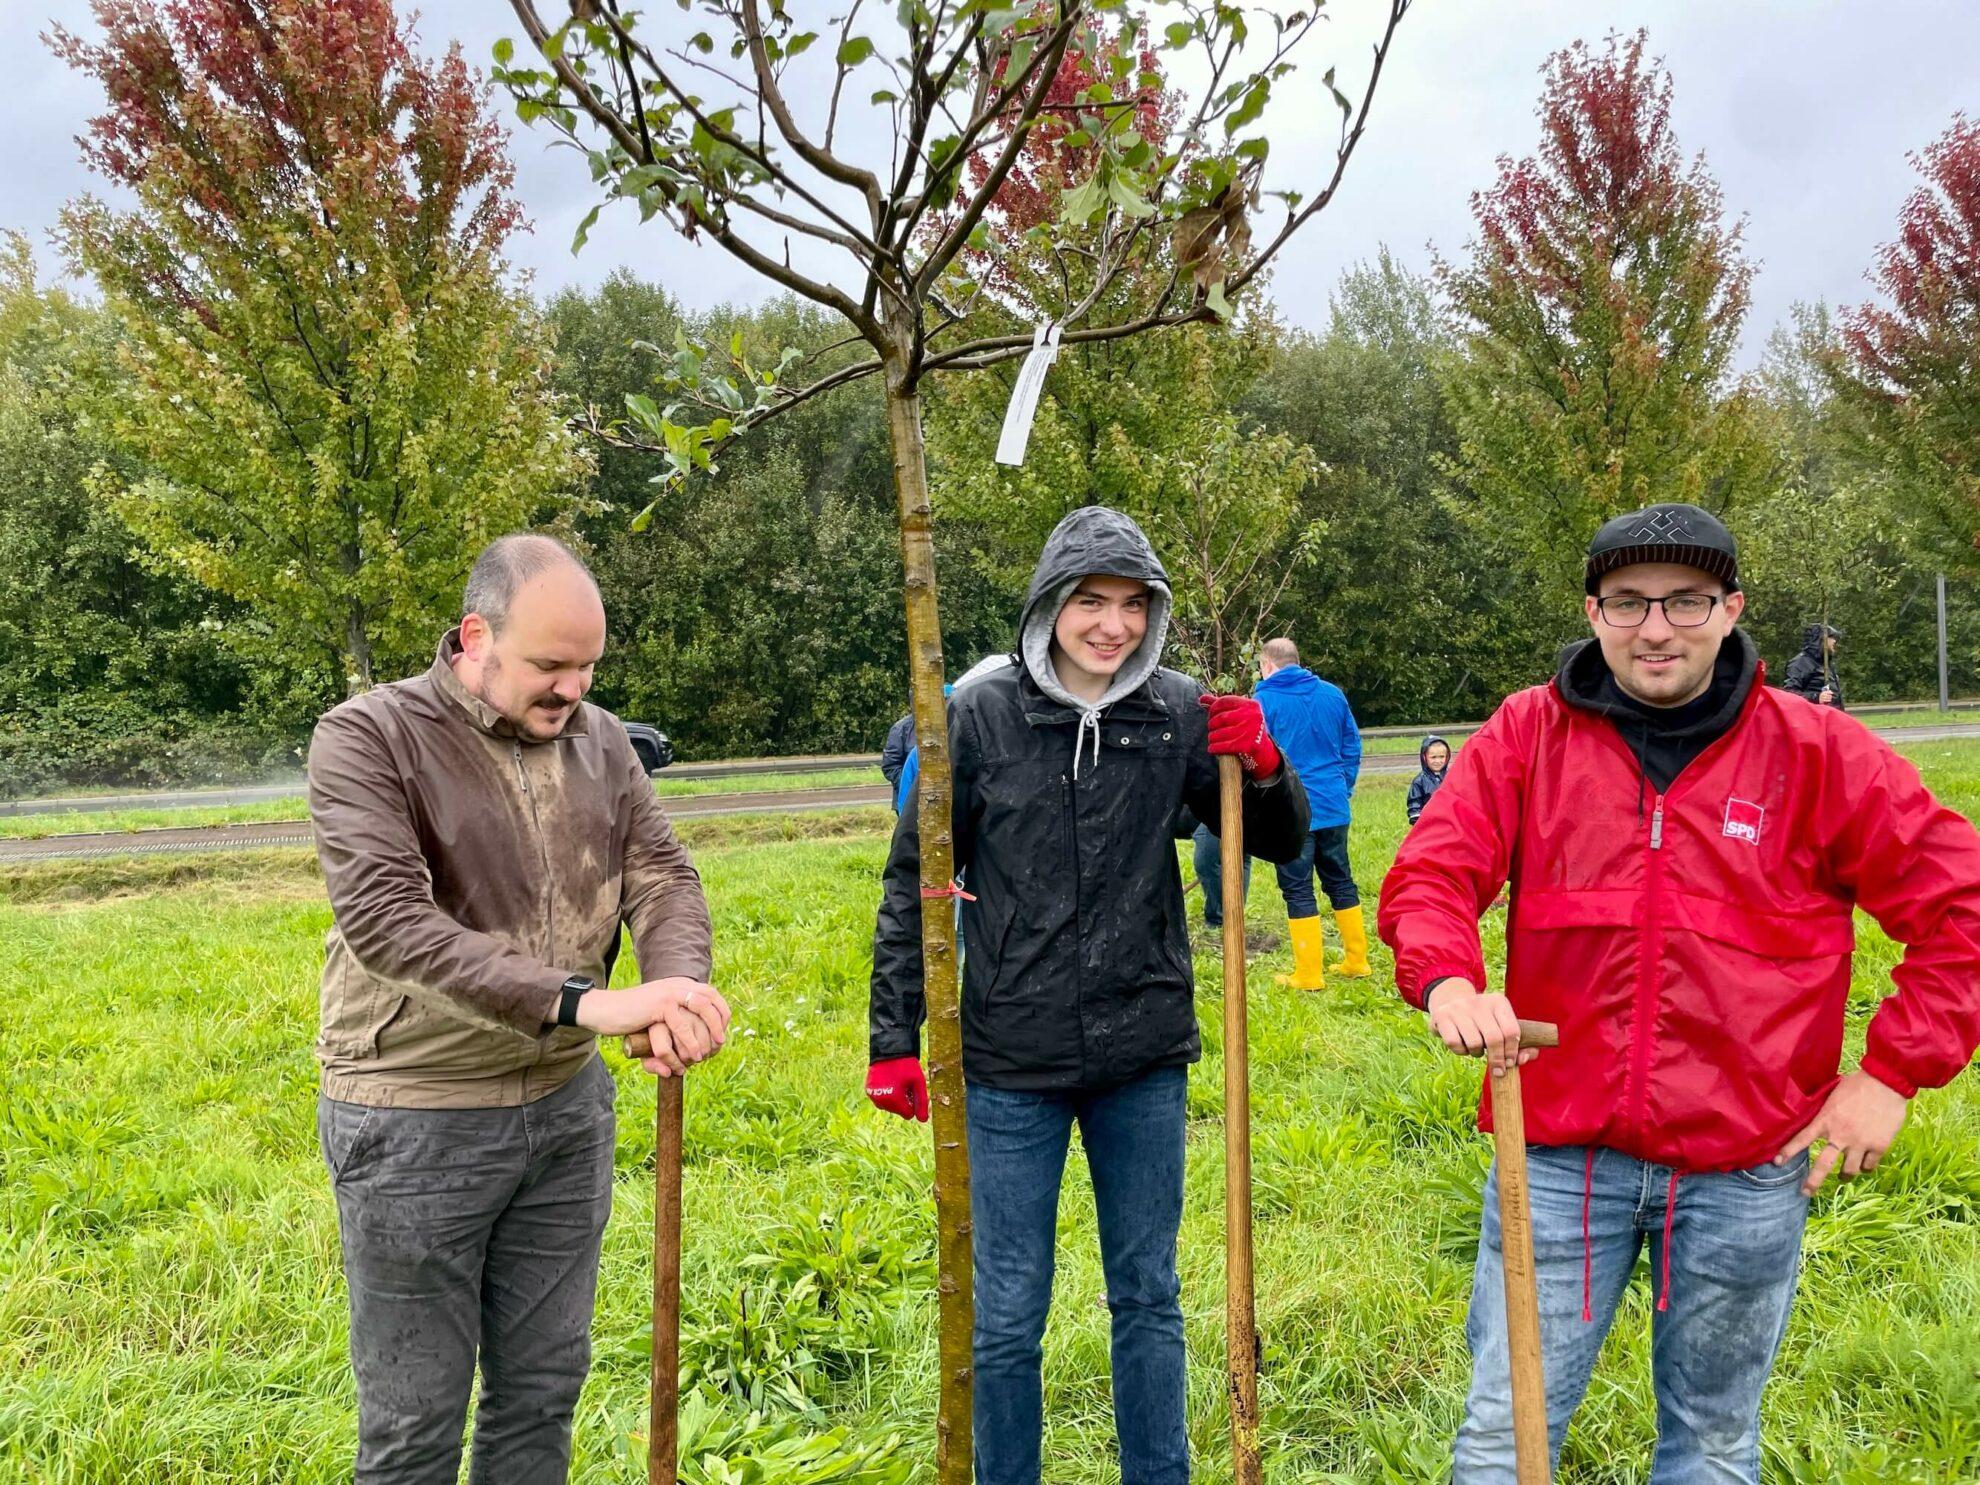 Einheitsbuddeln 2021: Alexander Knickmeier, Christian Kalisch und Lennart Schnell